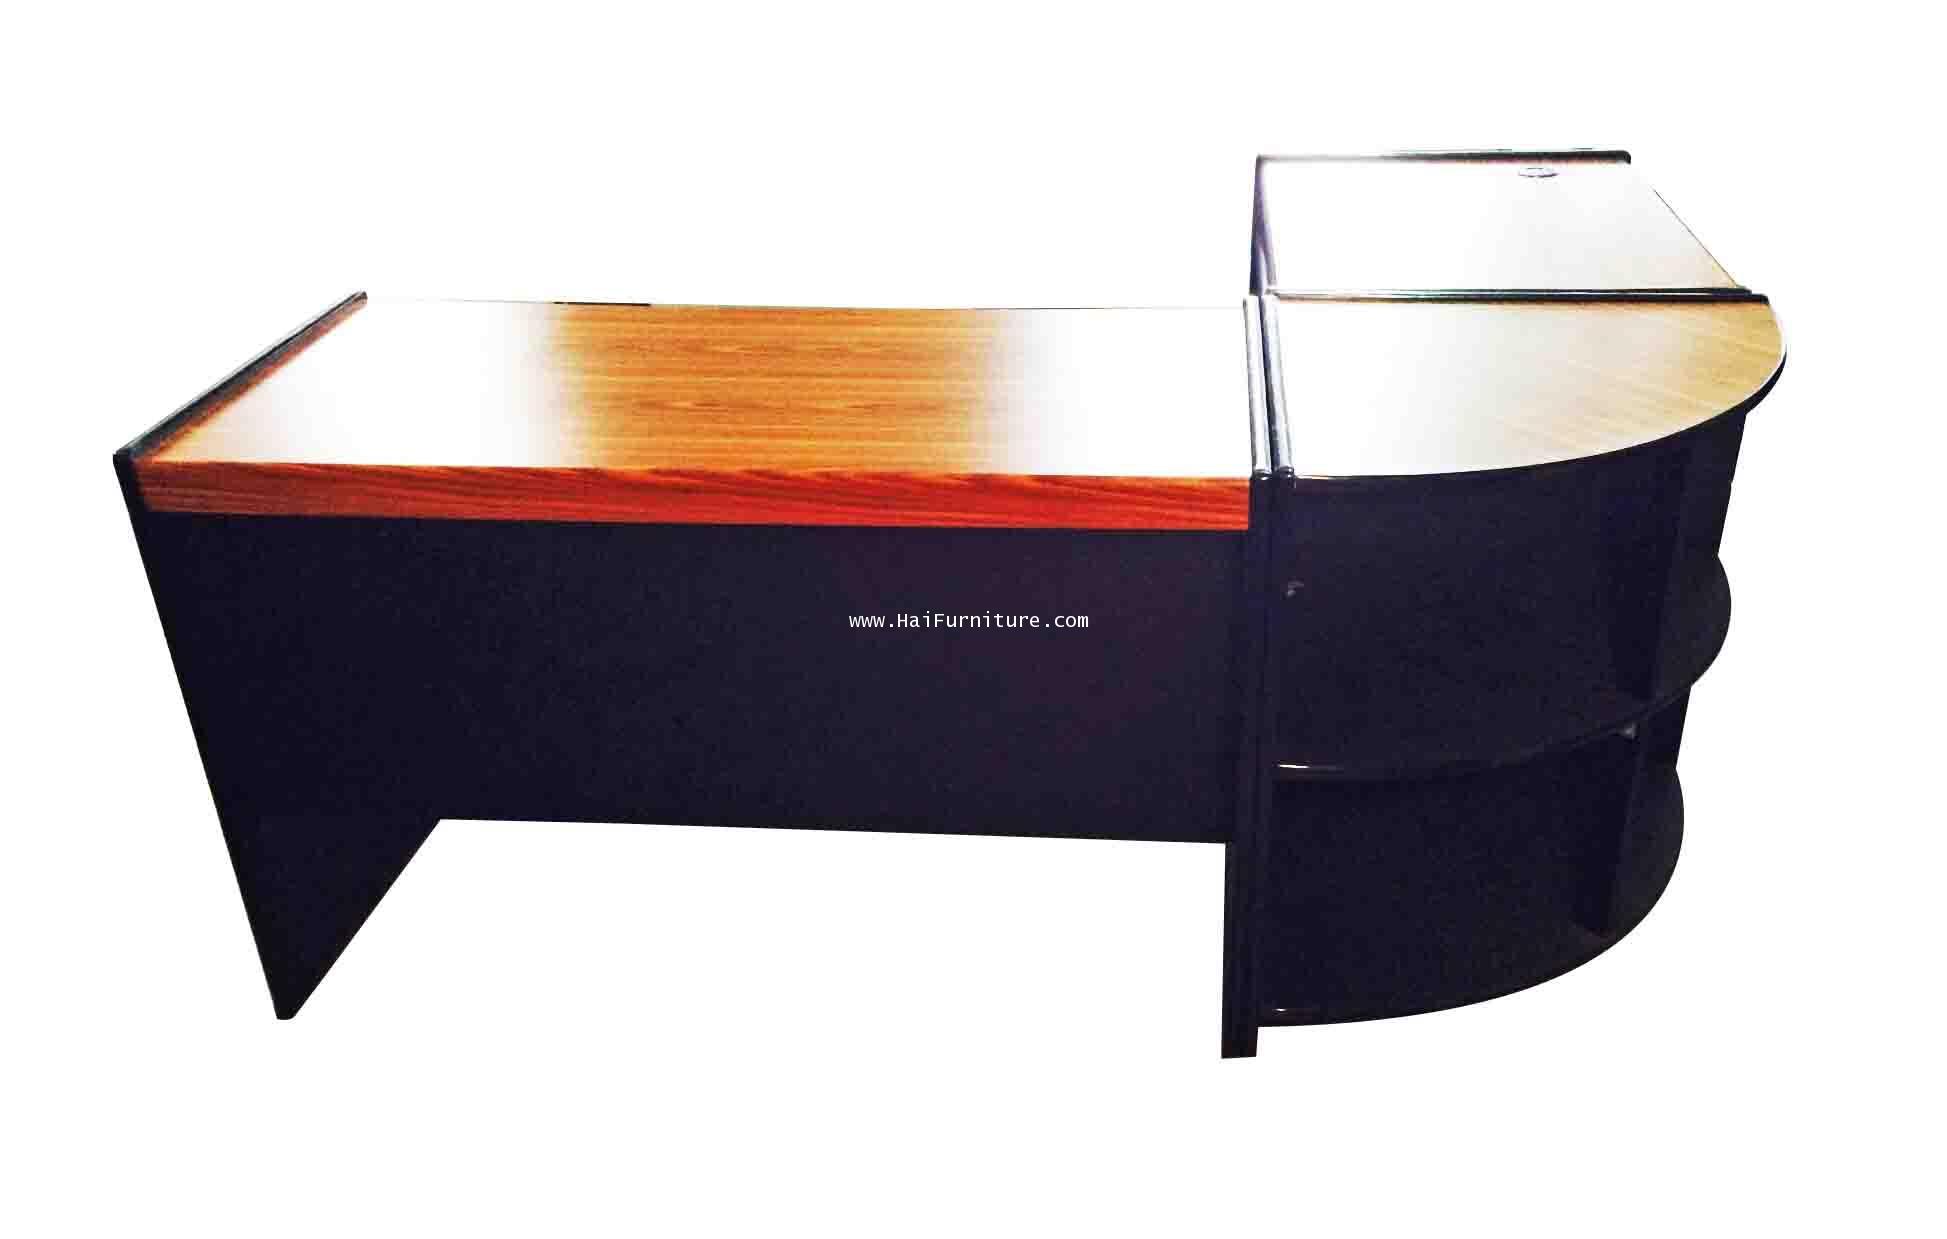 ชุดโต๊ะทำงาน 3 ชิ้น หน้า PVC สี สัก/ดำ 1